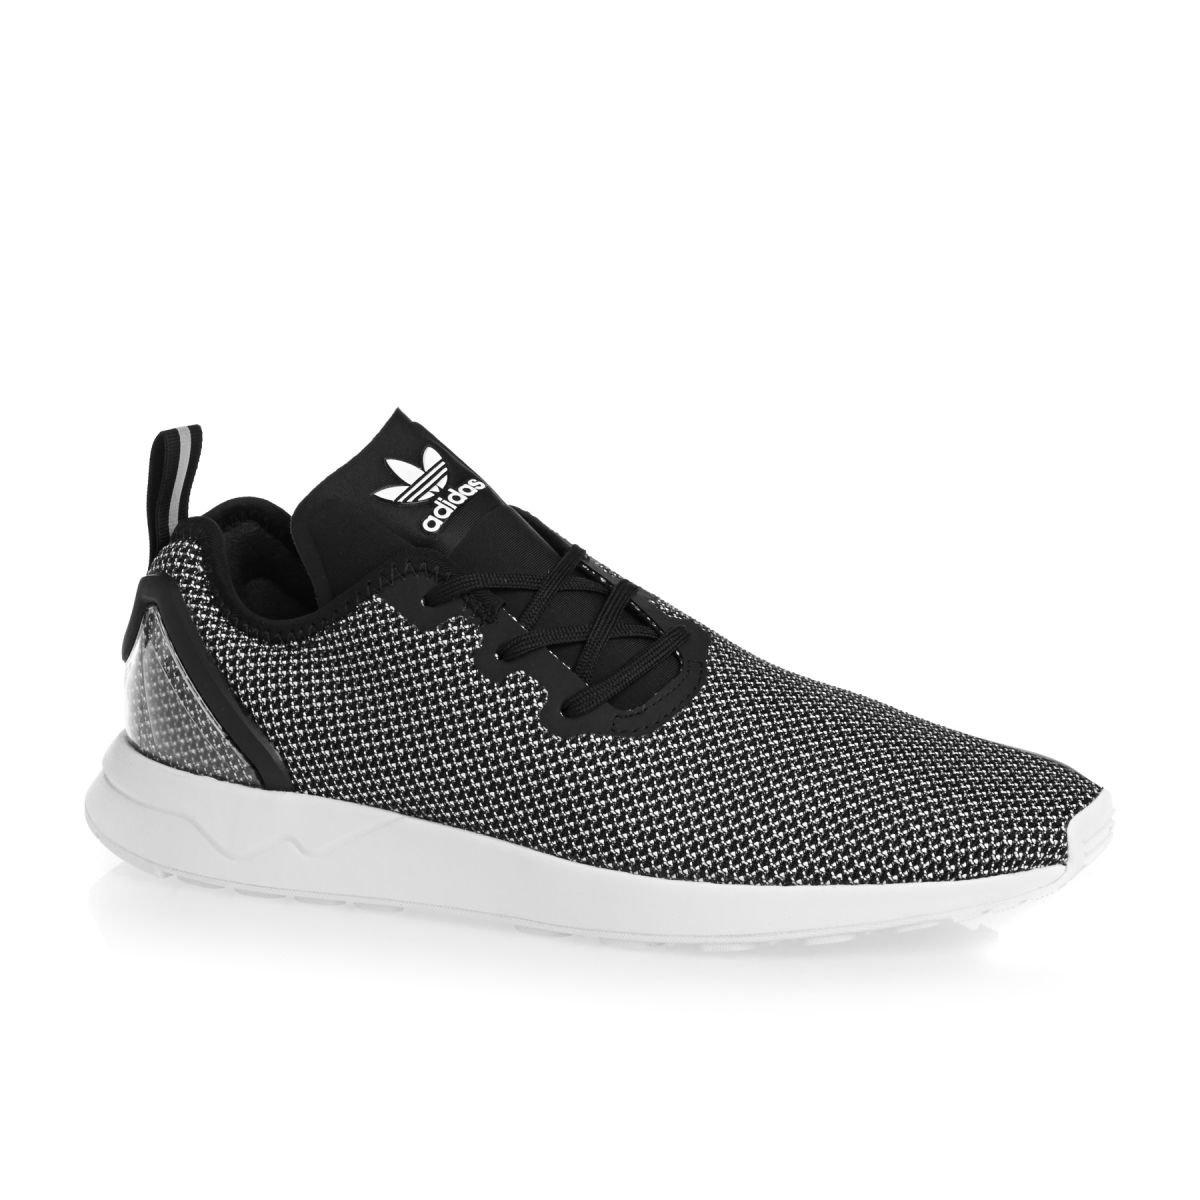 adidas ZX Flux S79054, Turnschuhe  40 2/3 EU|Noir